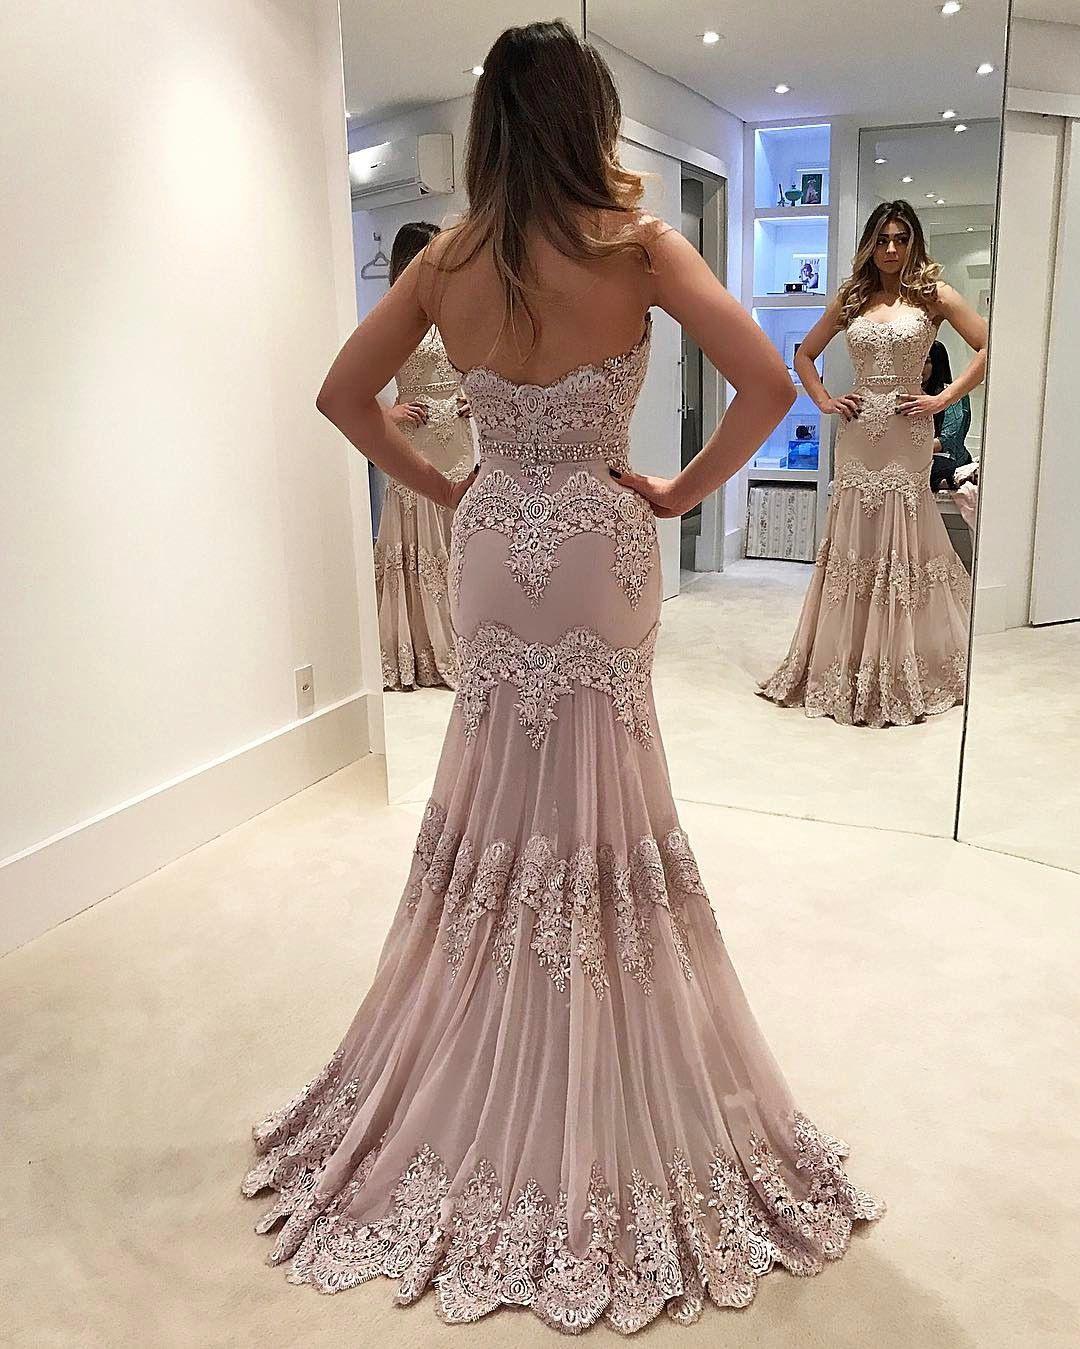 20 Einfach Abendkleider Online Kaufen VertriebAbend Einfach Abendkleider Online Kaufen Design